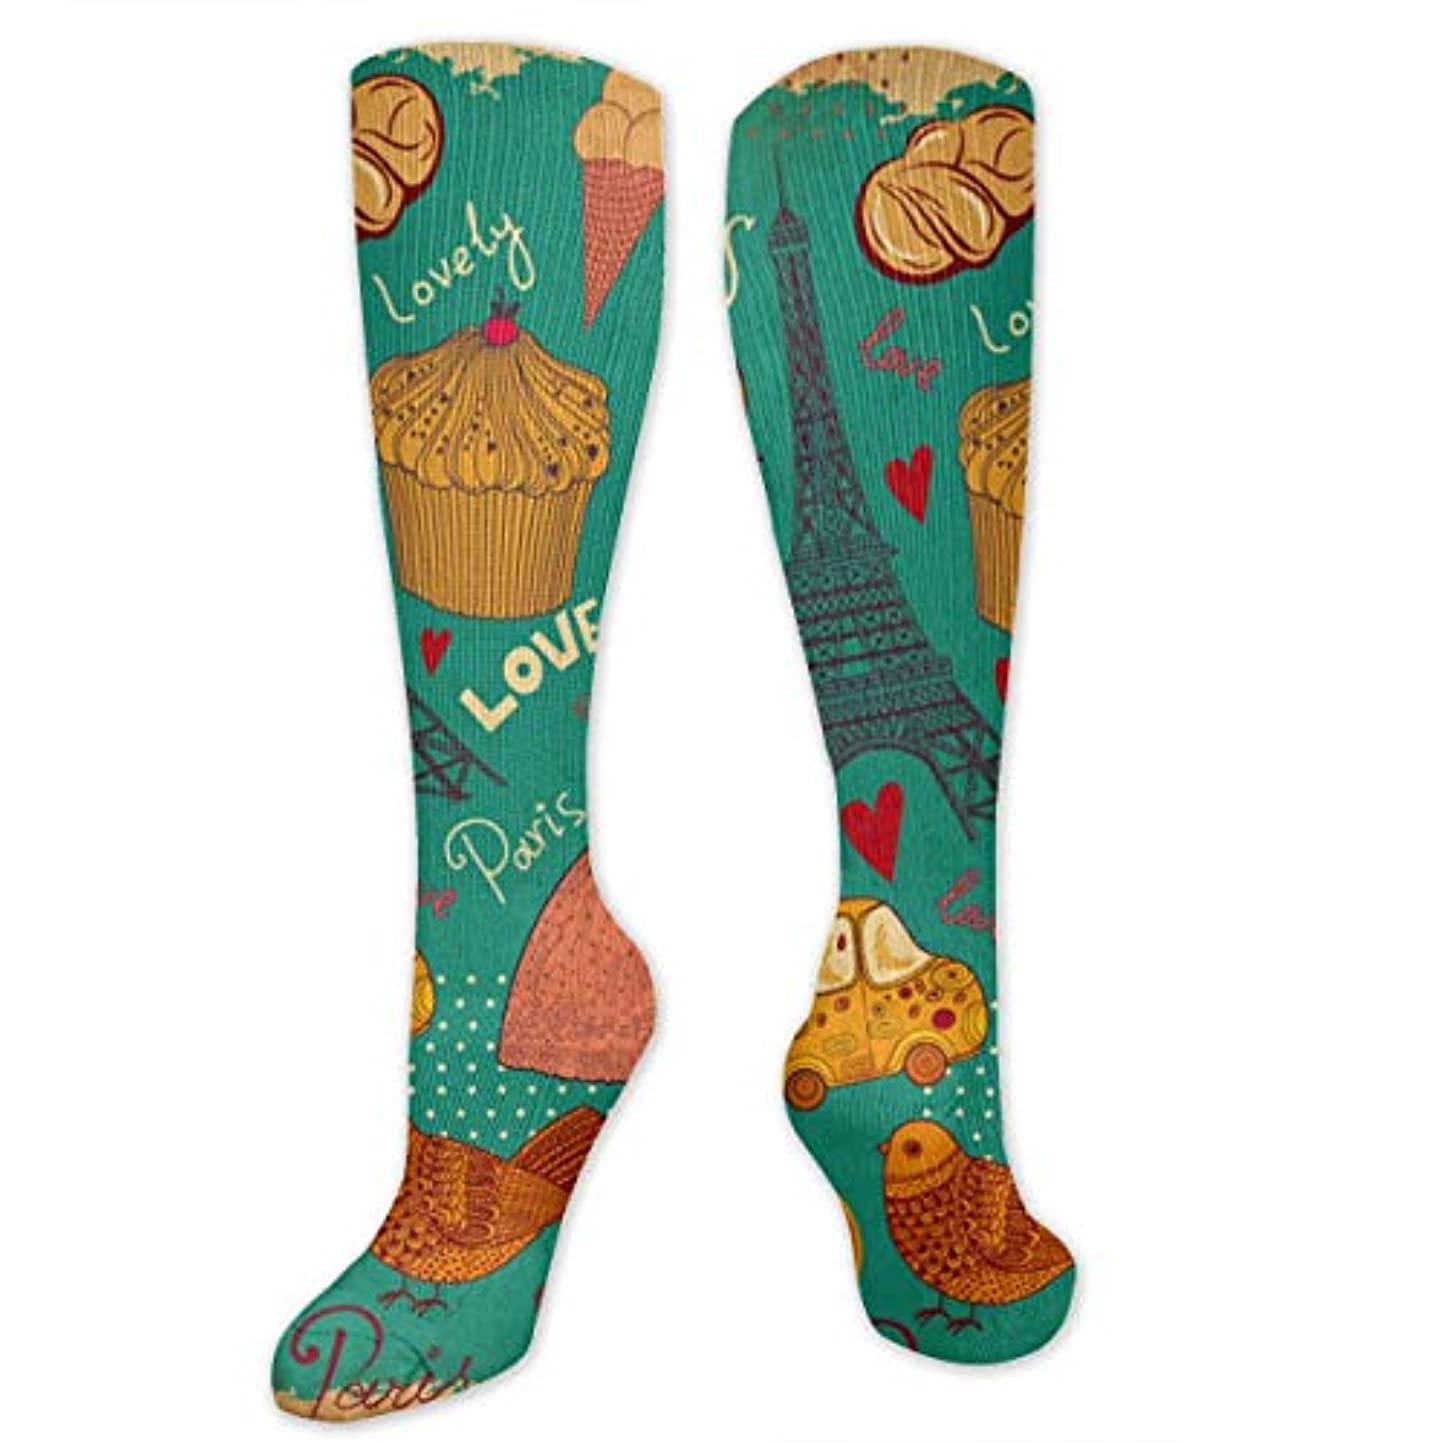 召集する着飾る特殊靴下,ストッキング,野生のジョーカー,実際,秋の本質,冬必須,サマーウェア&RBXAA Eiffel Tower Birds Socks Women's Winter Cotton Long Tube Socks Cotton...